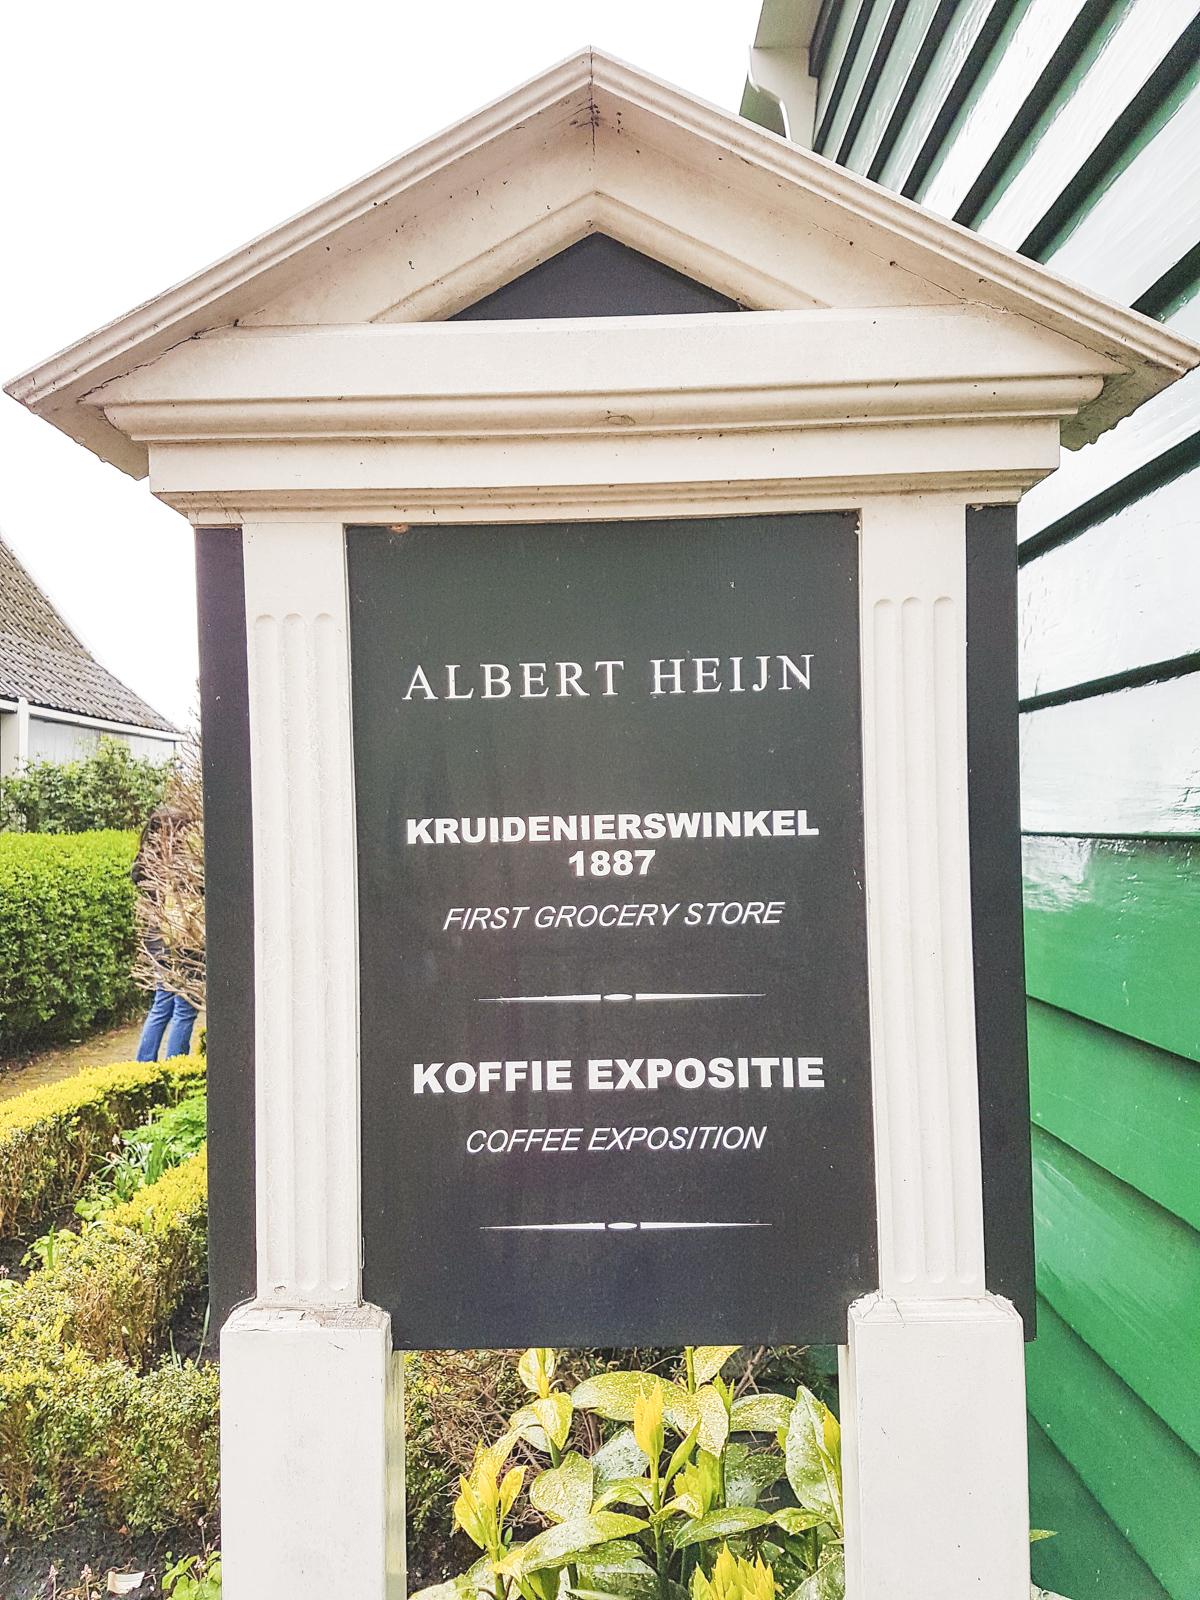 Albert Heijn at Zaanse Schans, Holland, The Netherlands